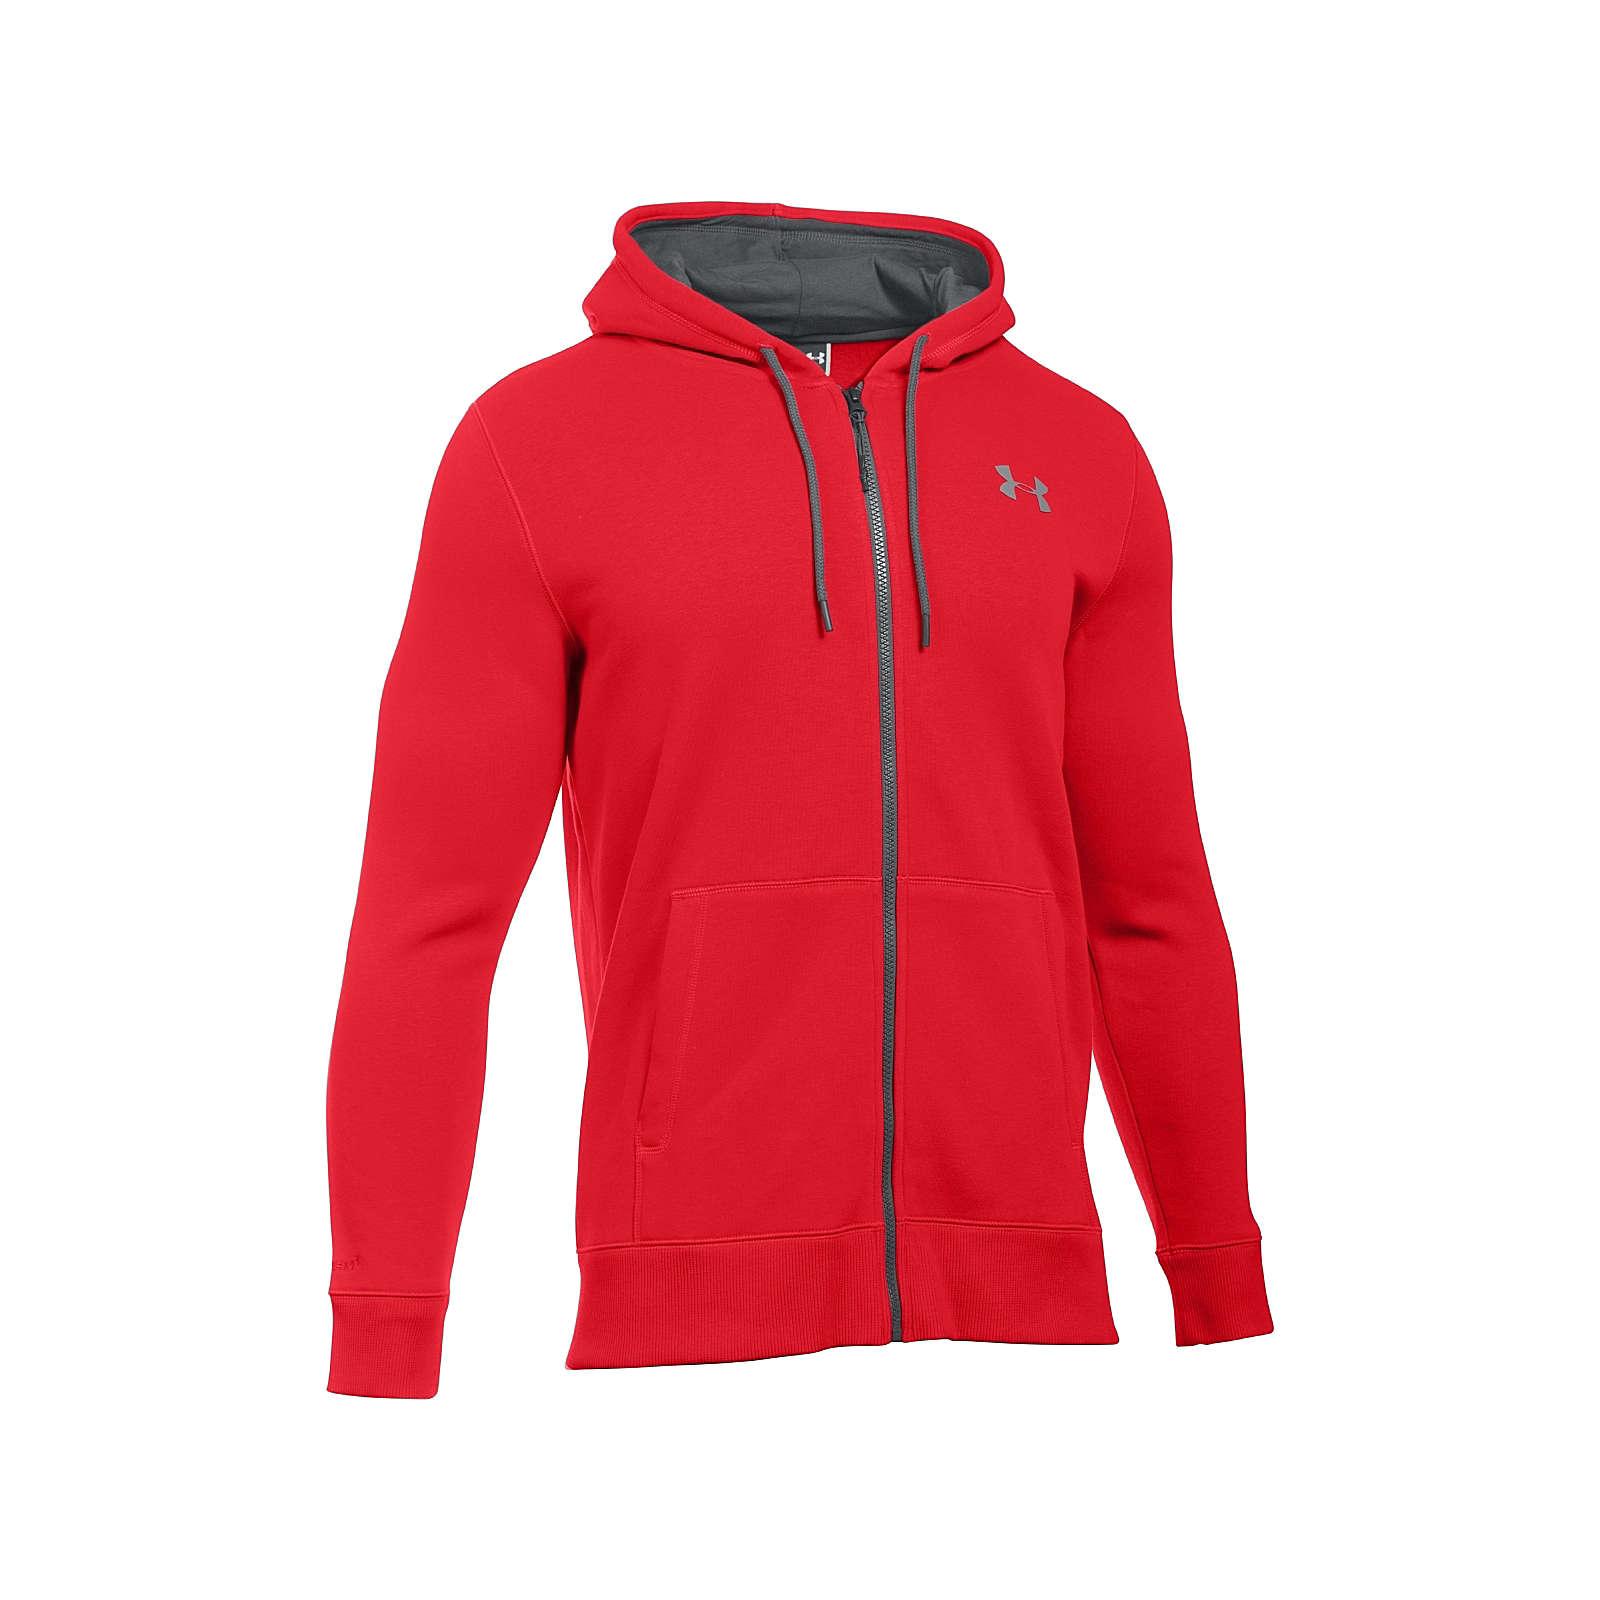 Under Armour Hoodie Storm Rival Cotton Full ZipSweatshirts rot Herren Gr. 46